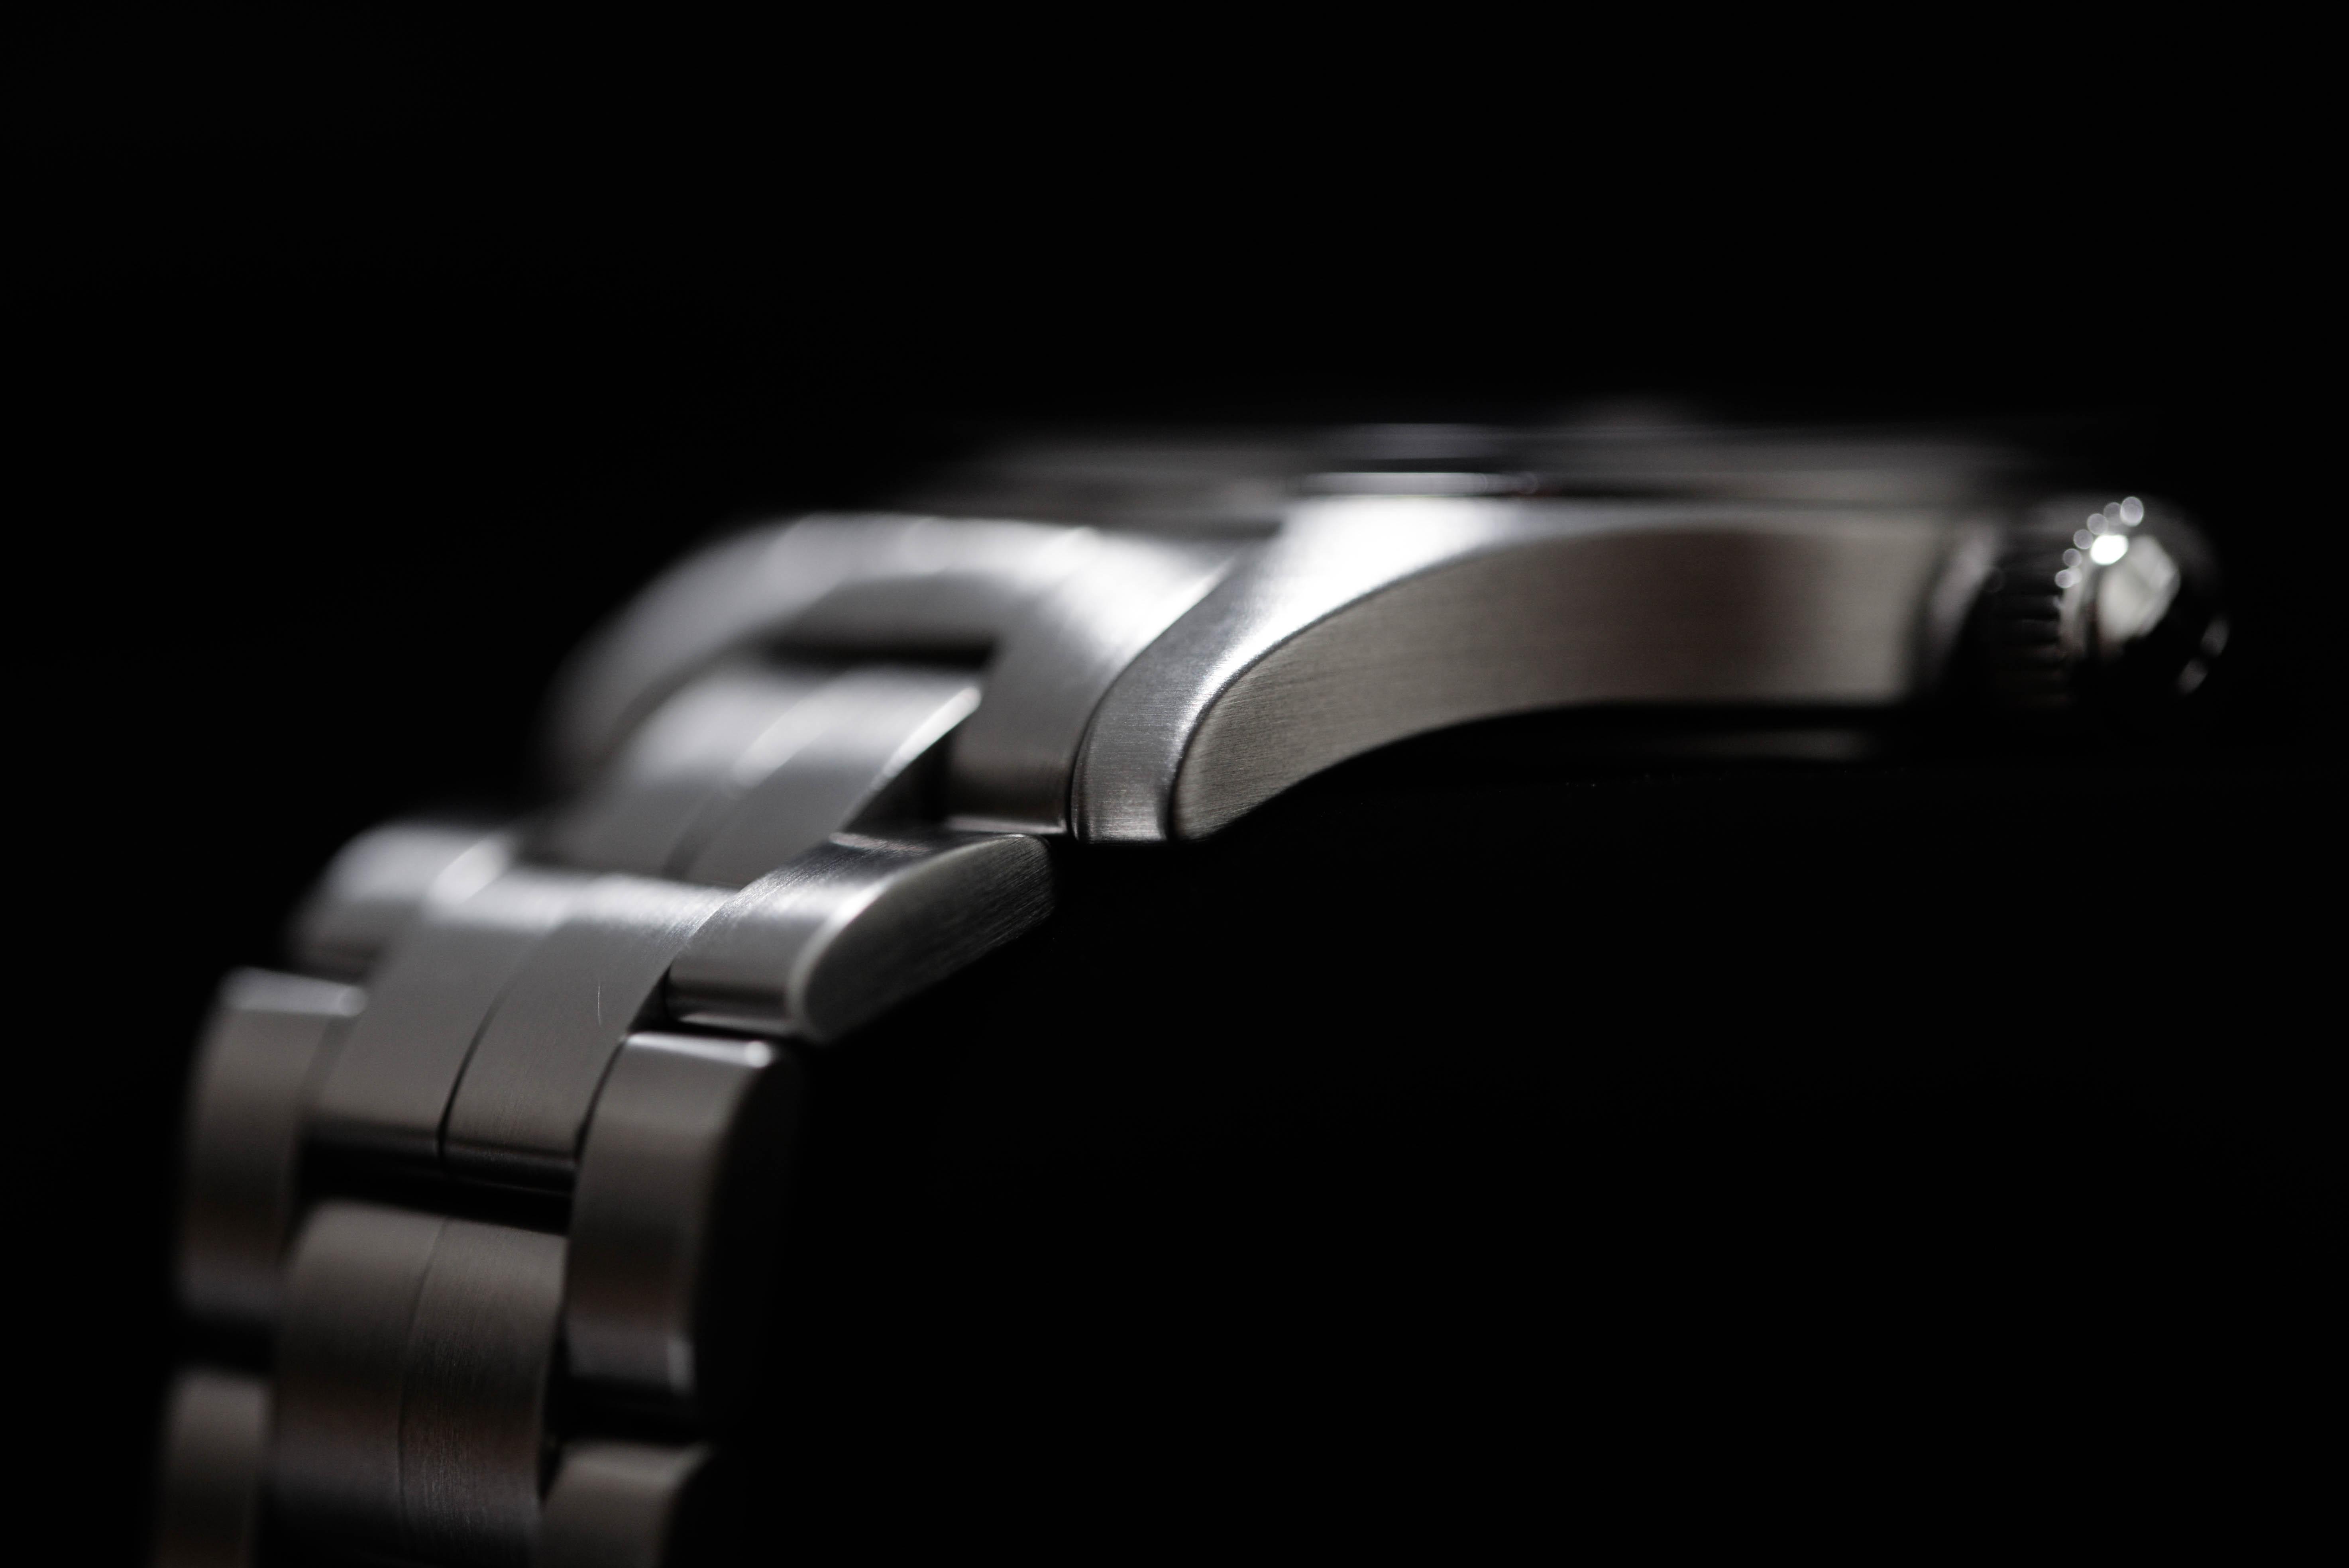 カジュアルな文字盤の腕時計